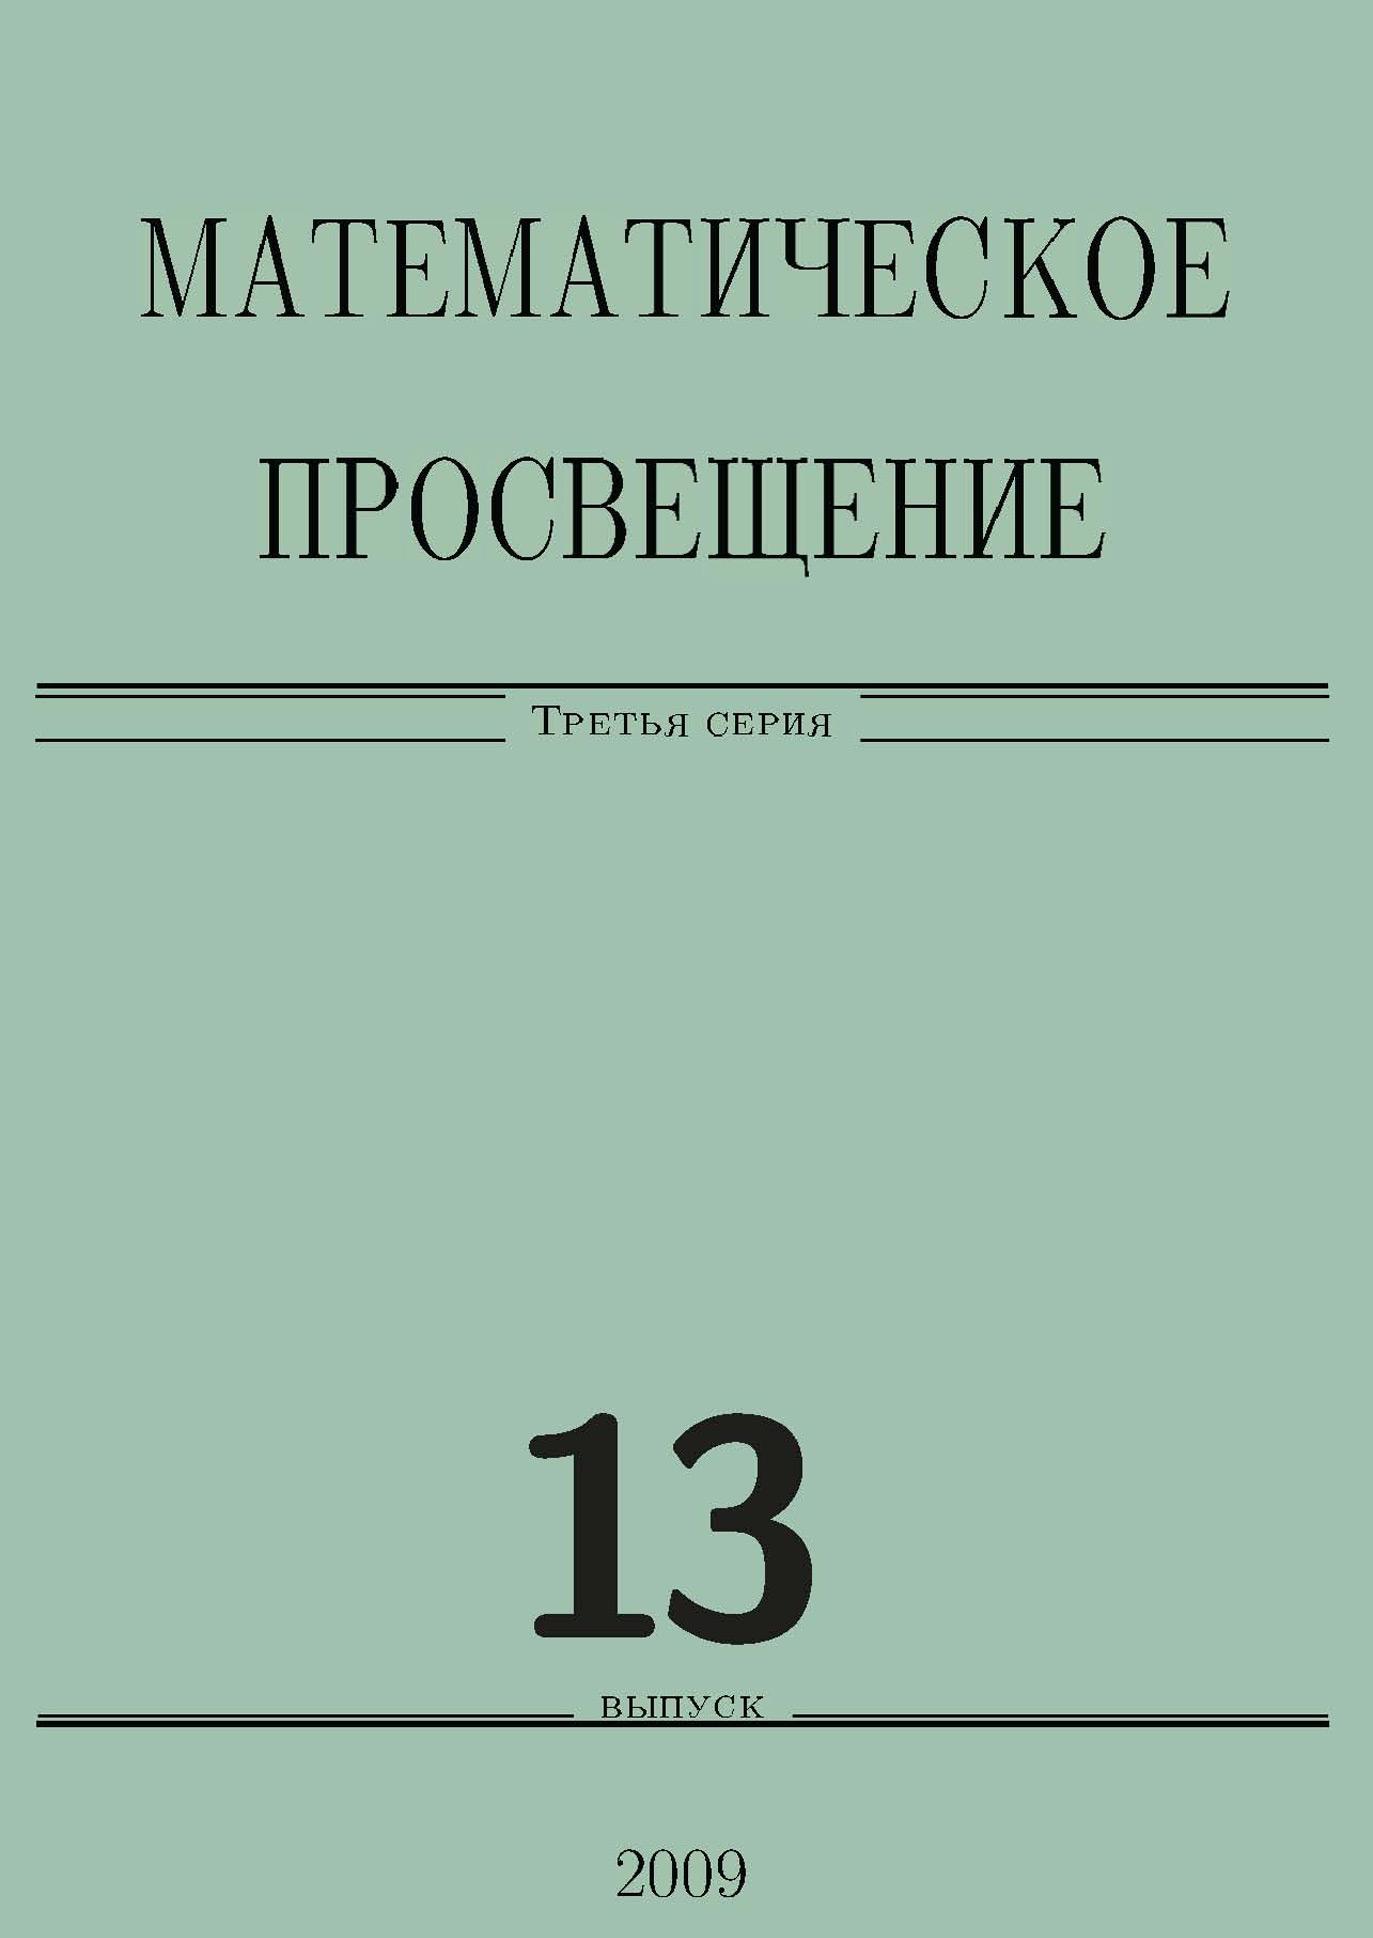 Сборник статей Математическое просвещение. Третья серия. Выпуск 13 сборник статей математическое просвещение третья серия выпуск 21